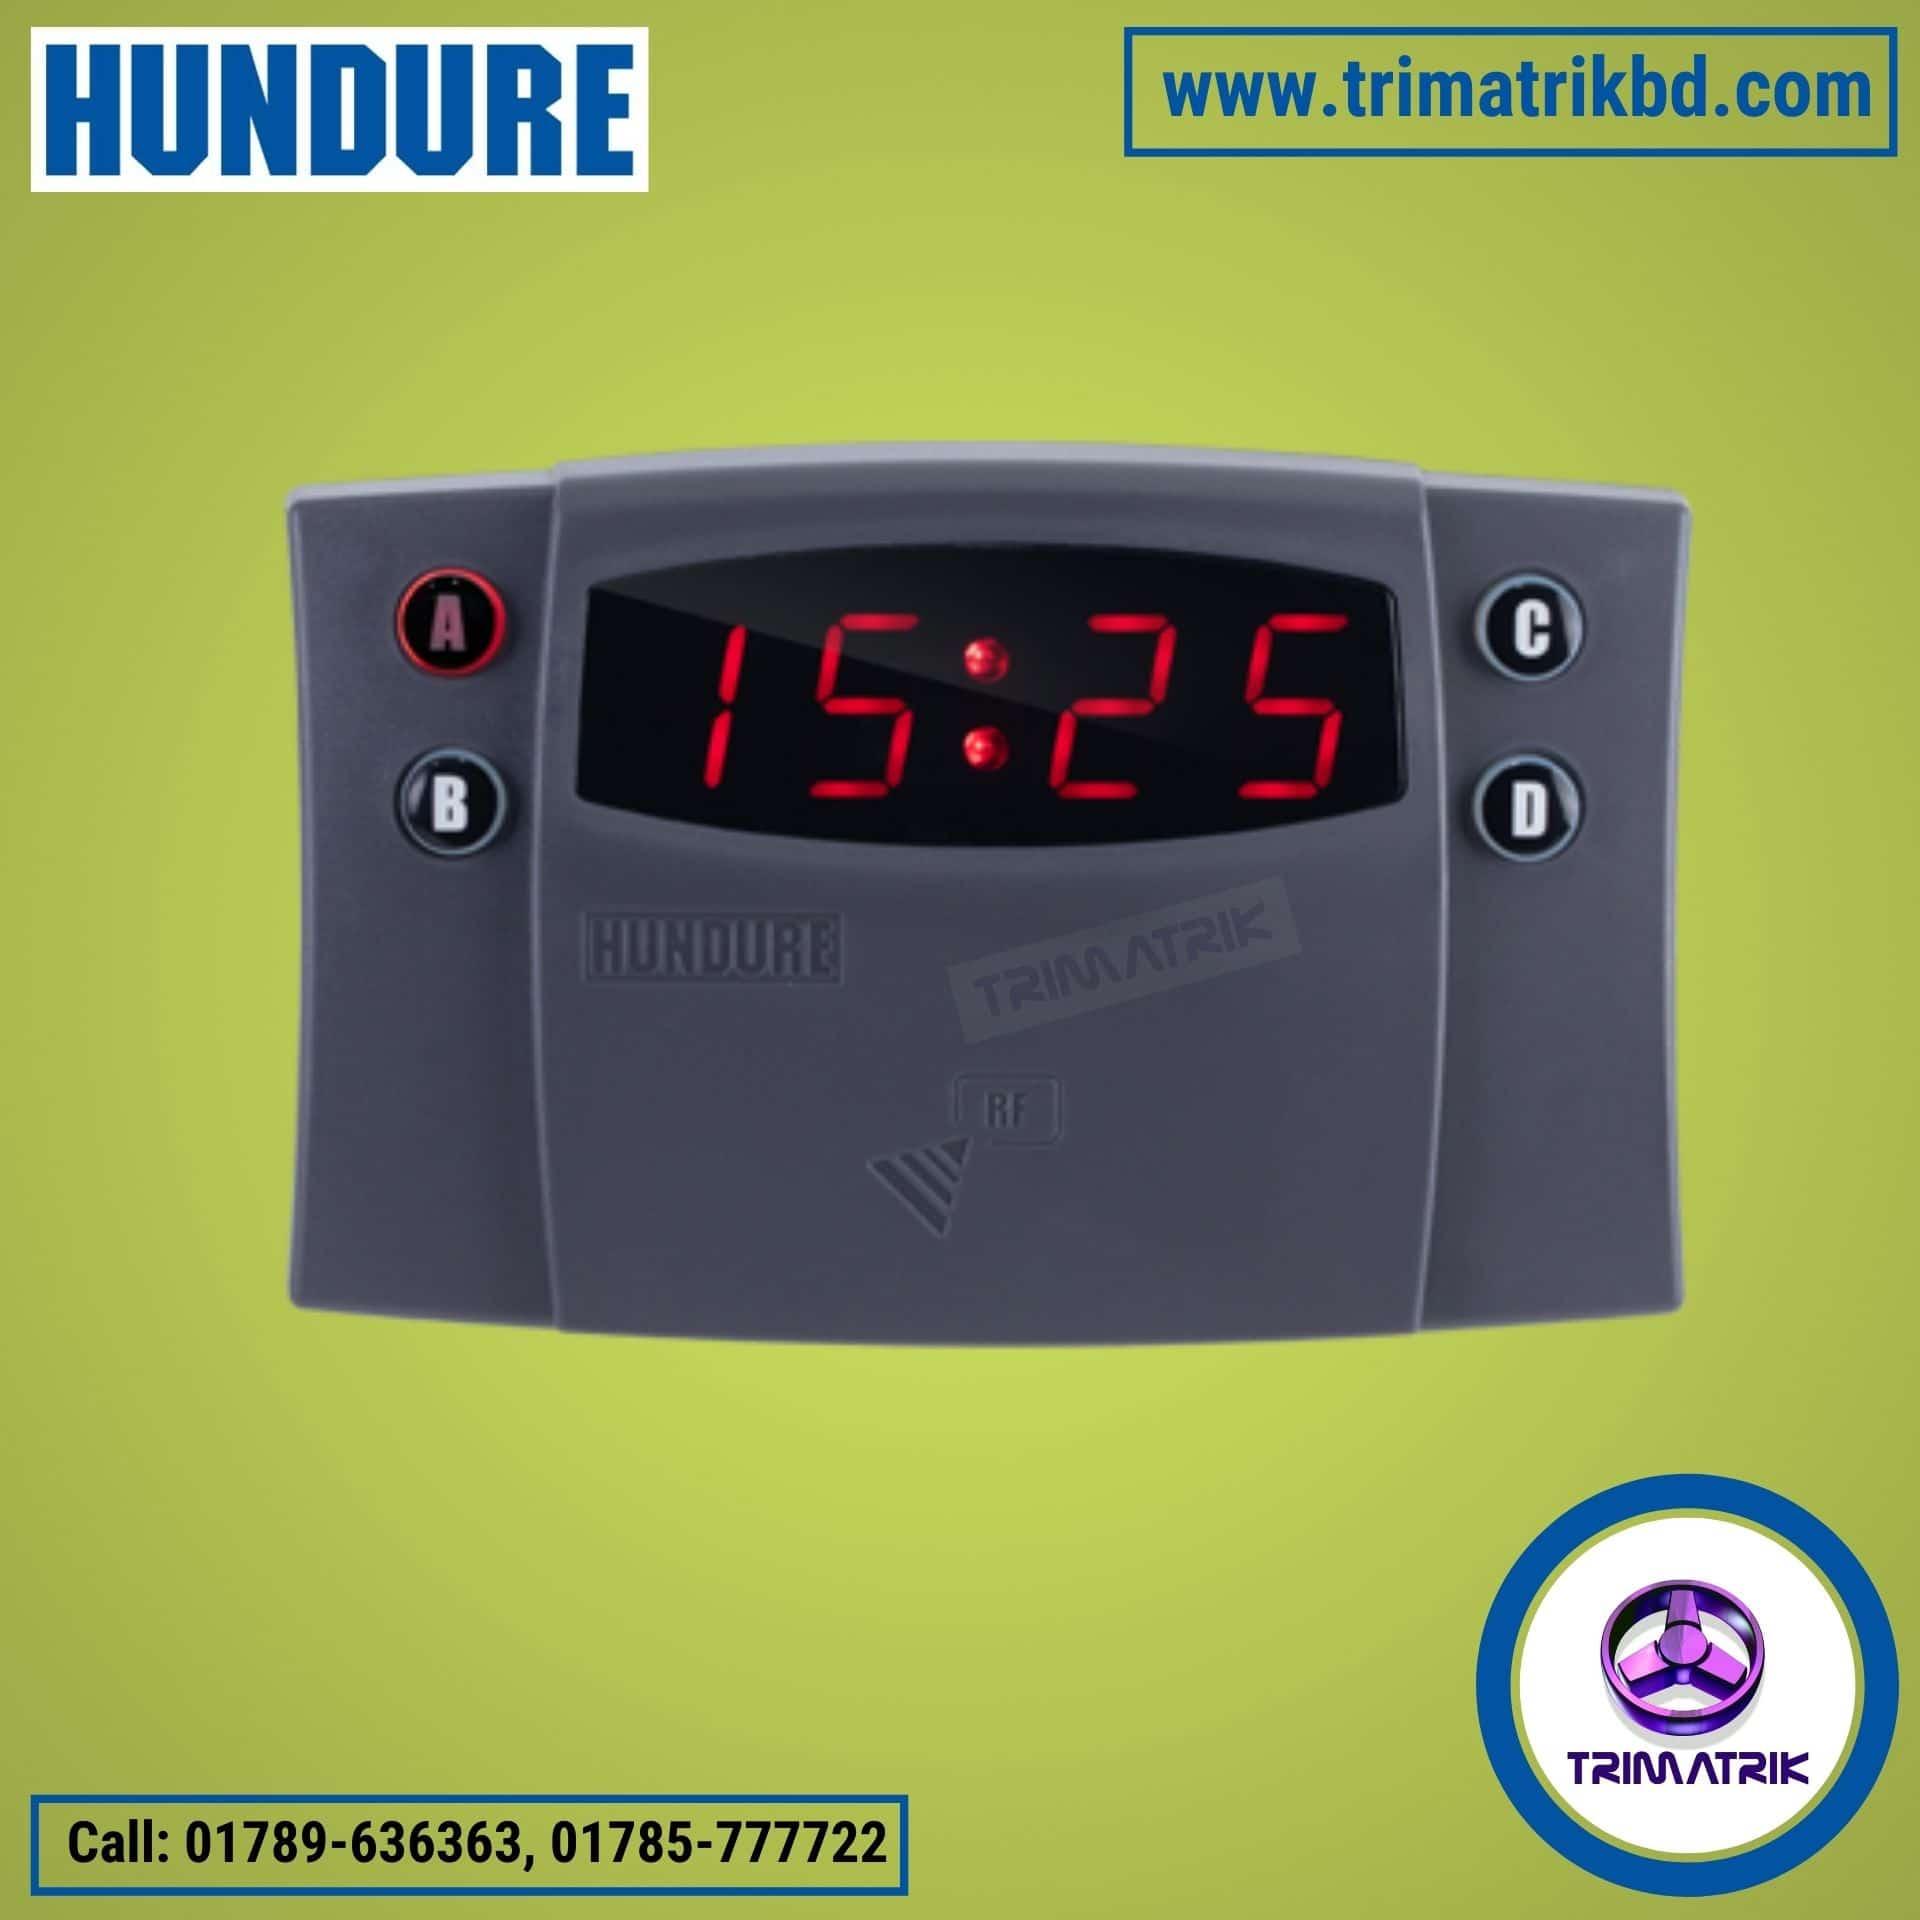 Hundure HTA-830 Price in Bangladesh